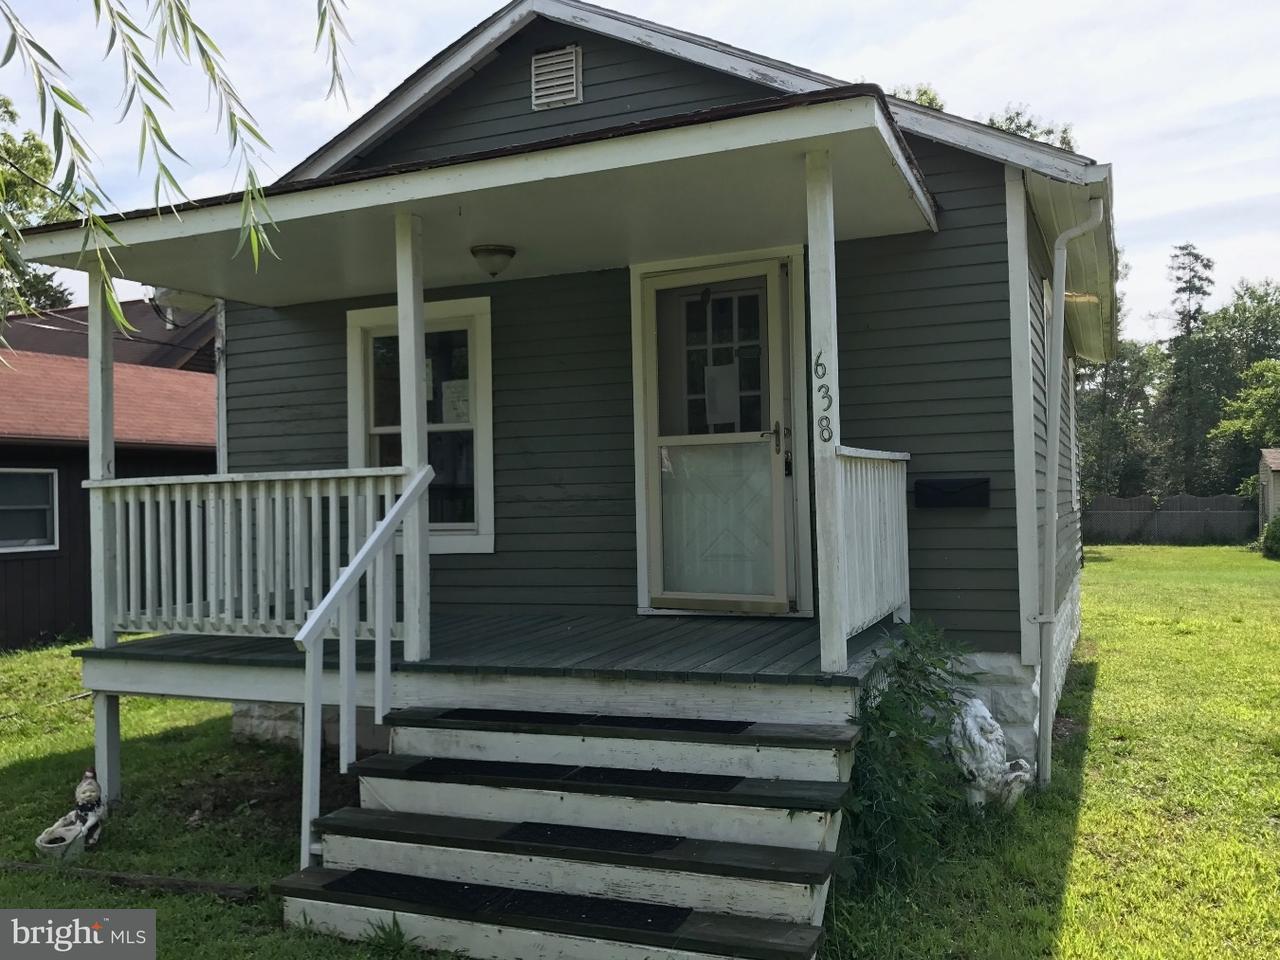 Частный односемейный дом для того Продажа на 638 8TH Street Absecon, Нью-Джерси 08201 Соединенные Штаты